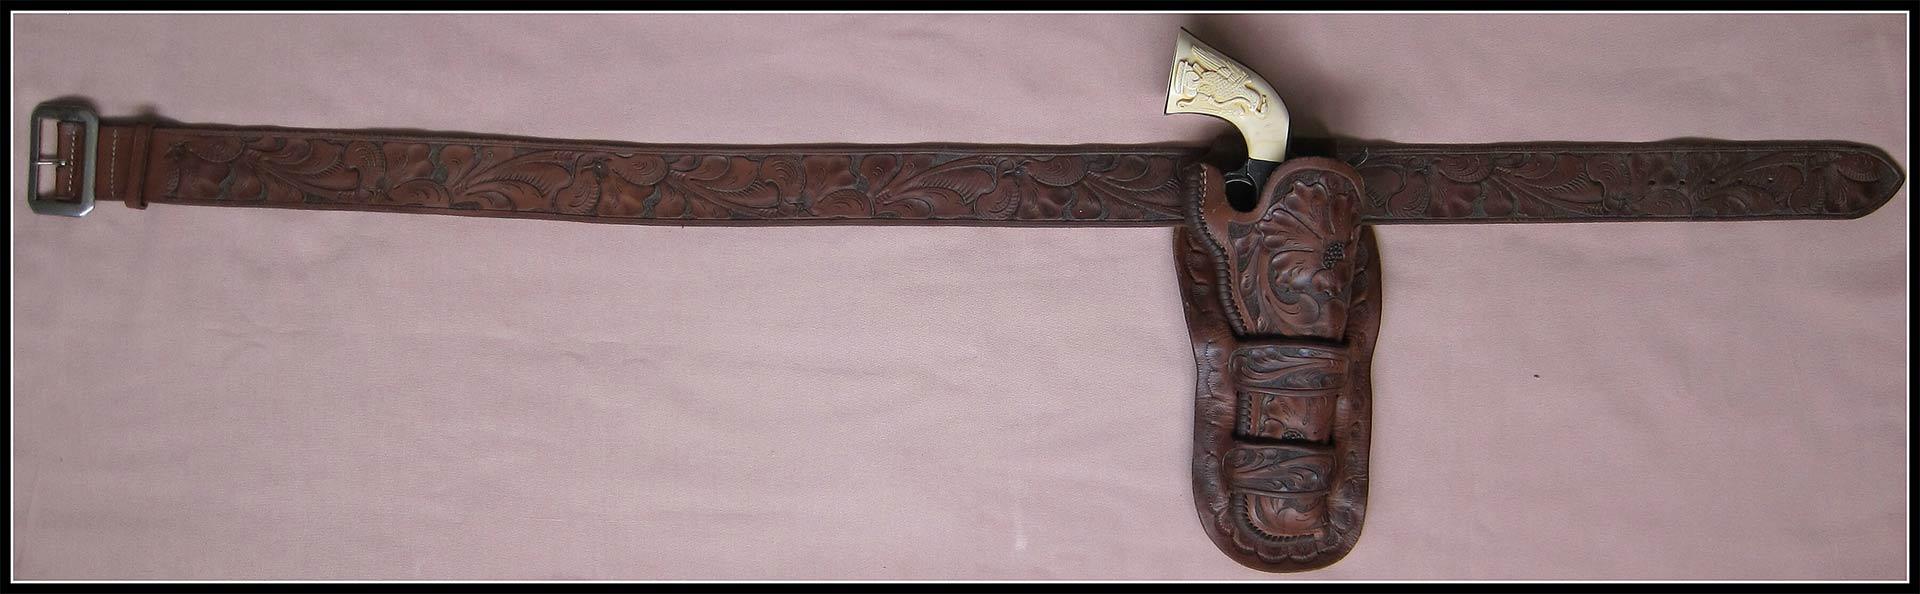 Vintage Lawrence Rig Marked Holster and Belt